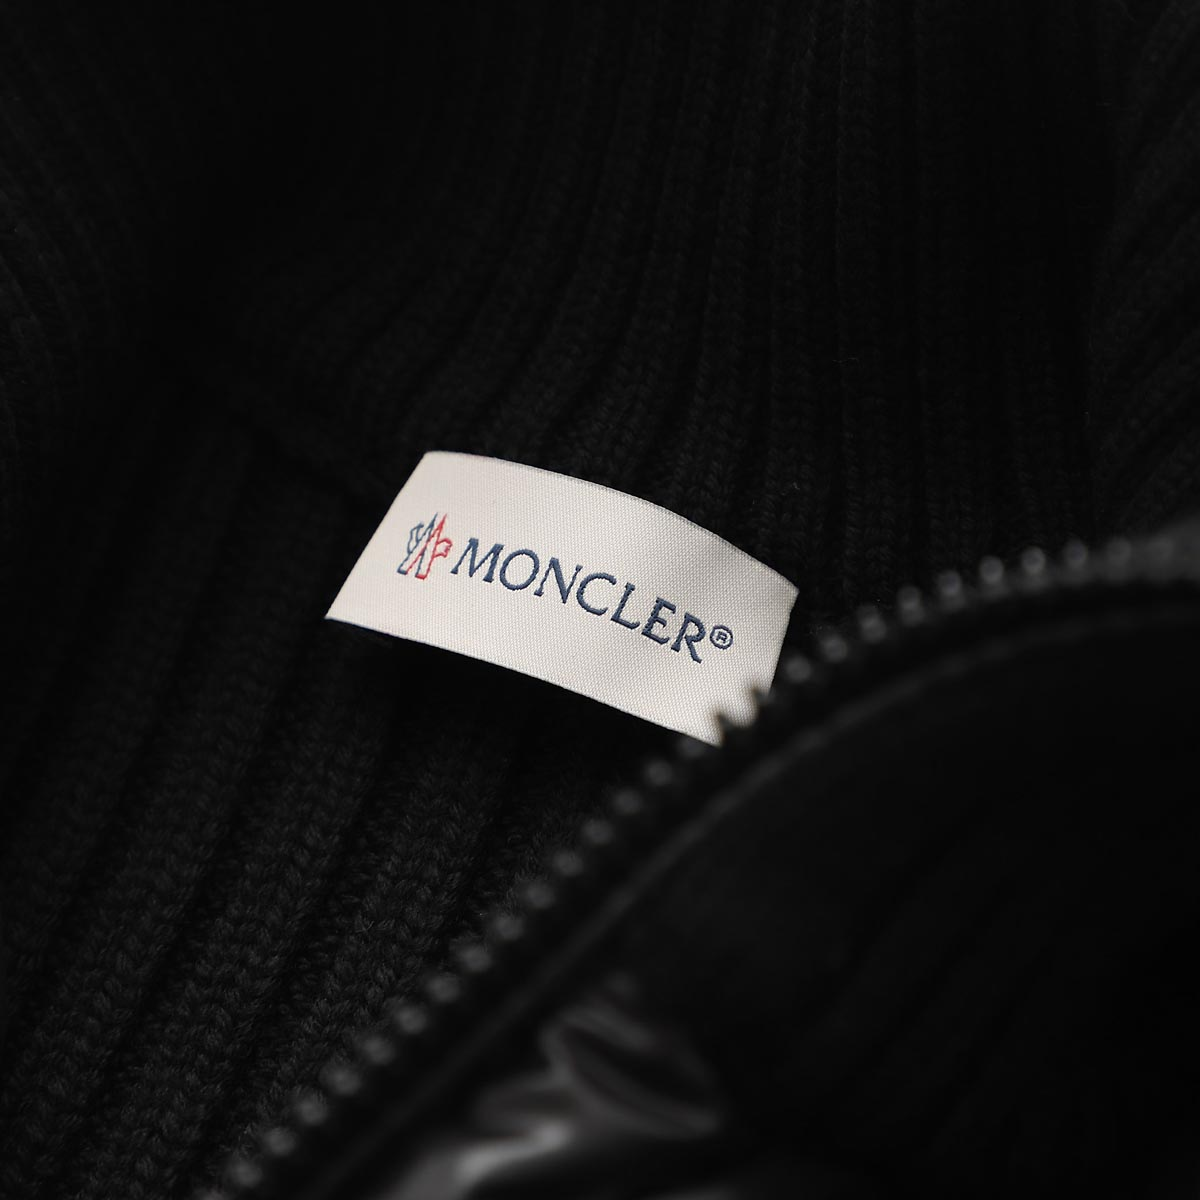 【タイムセール TOPS】MONCLER モンクレール ダウン入りジップカーディガン レディース